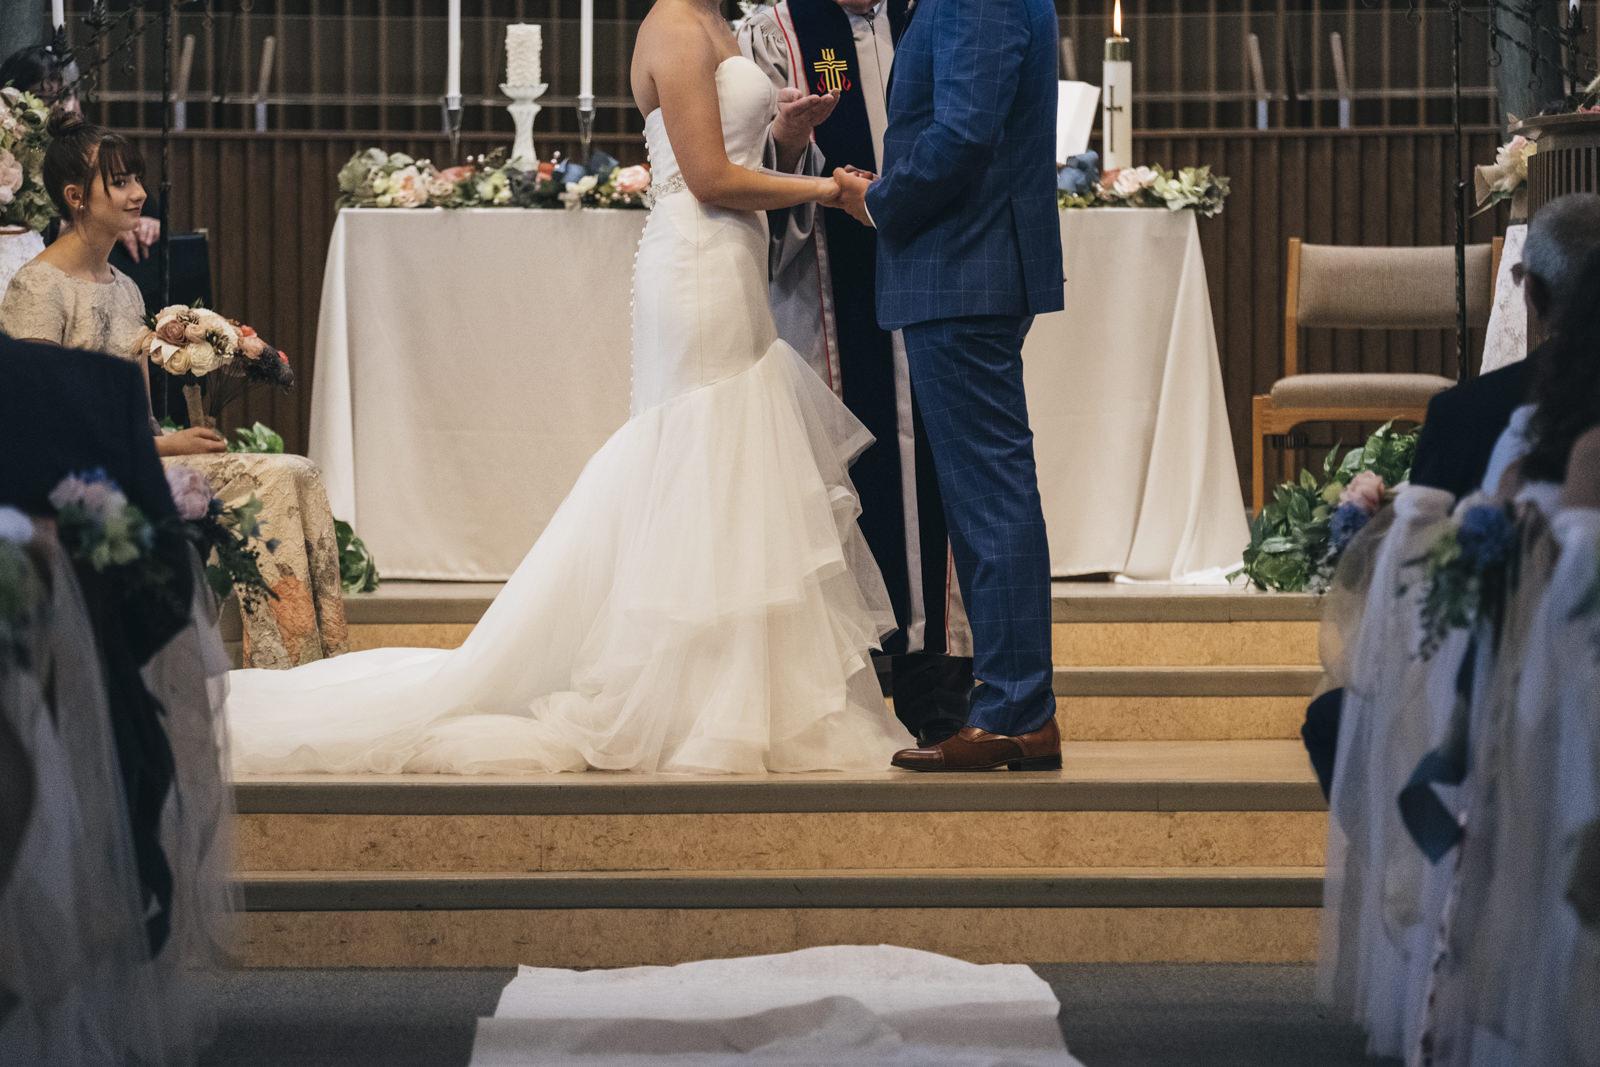 Sylvania, Ohio wedding ceremony.